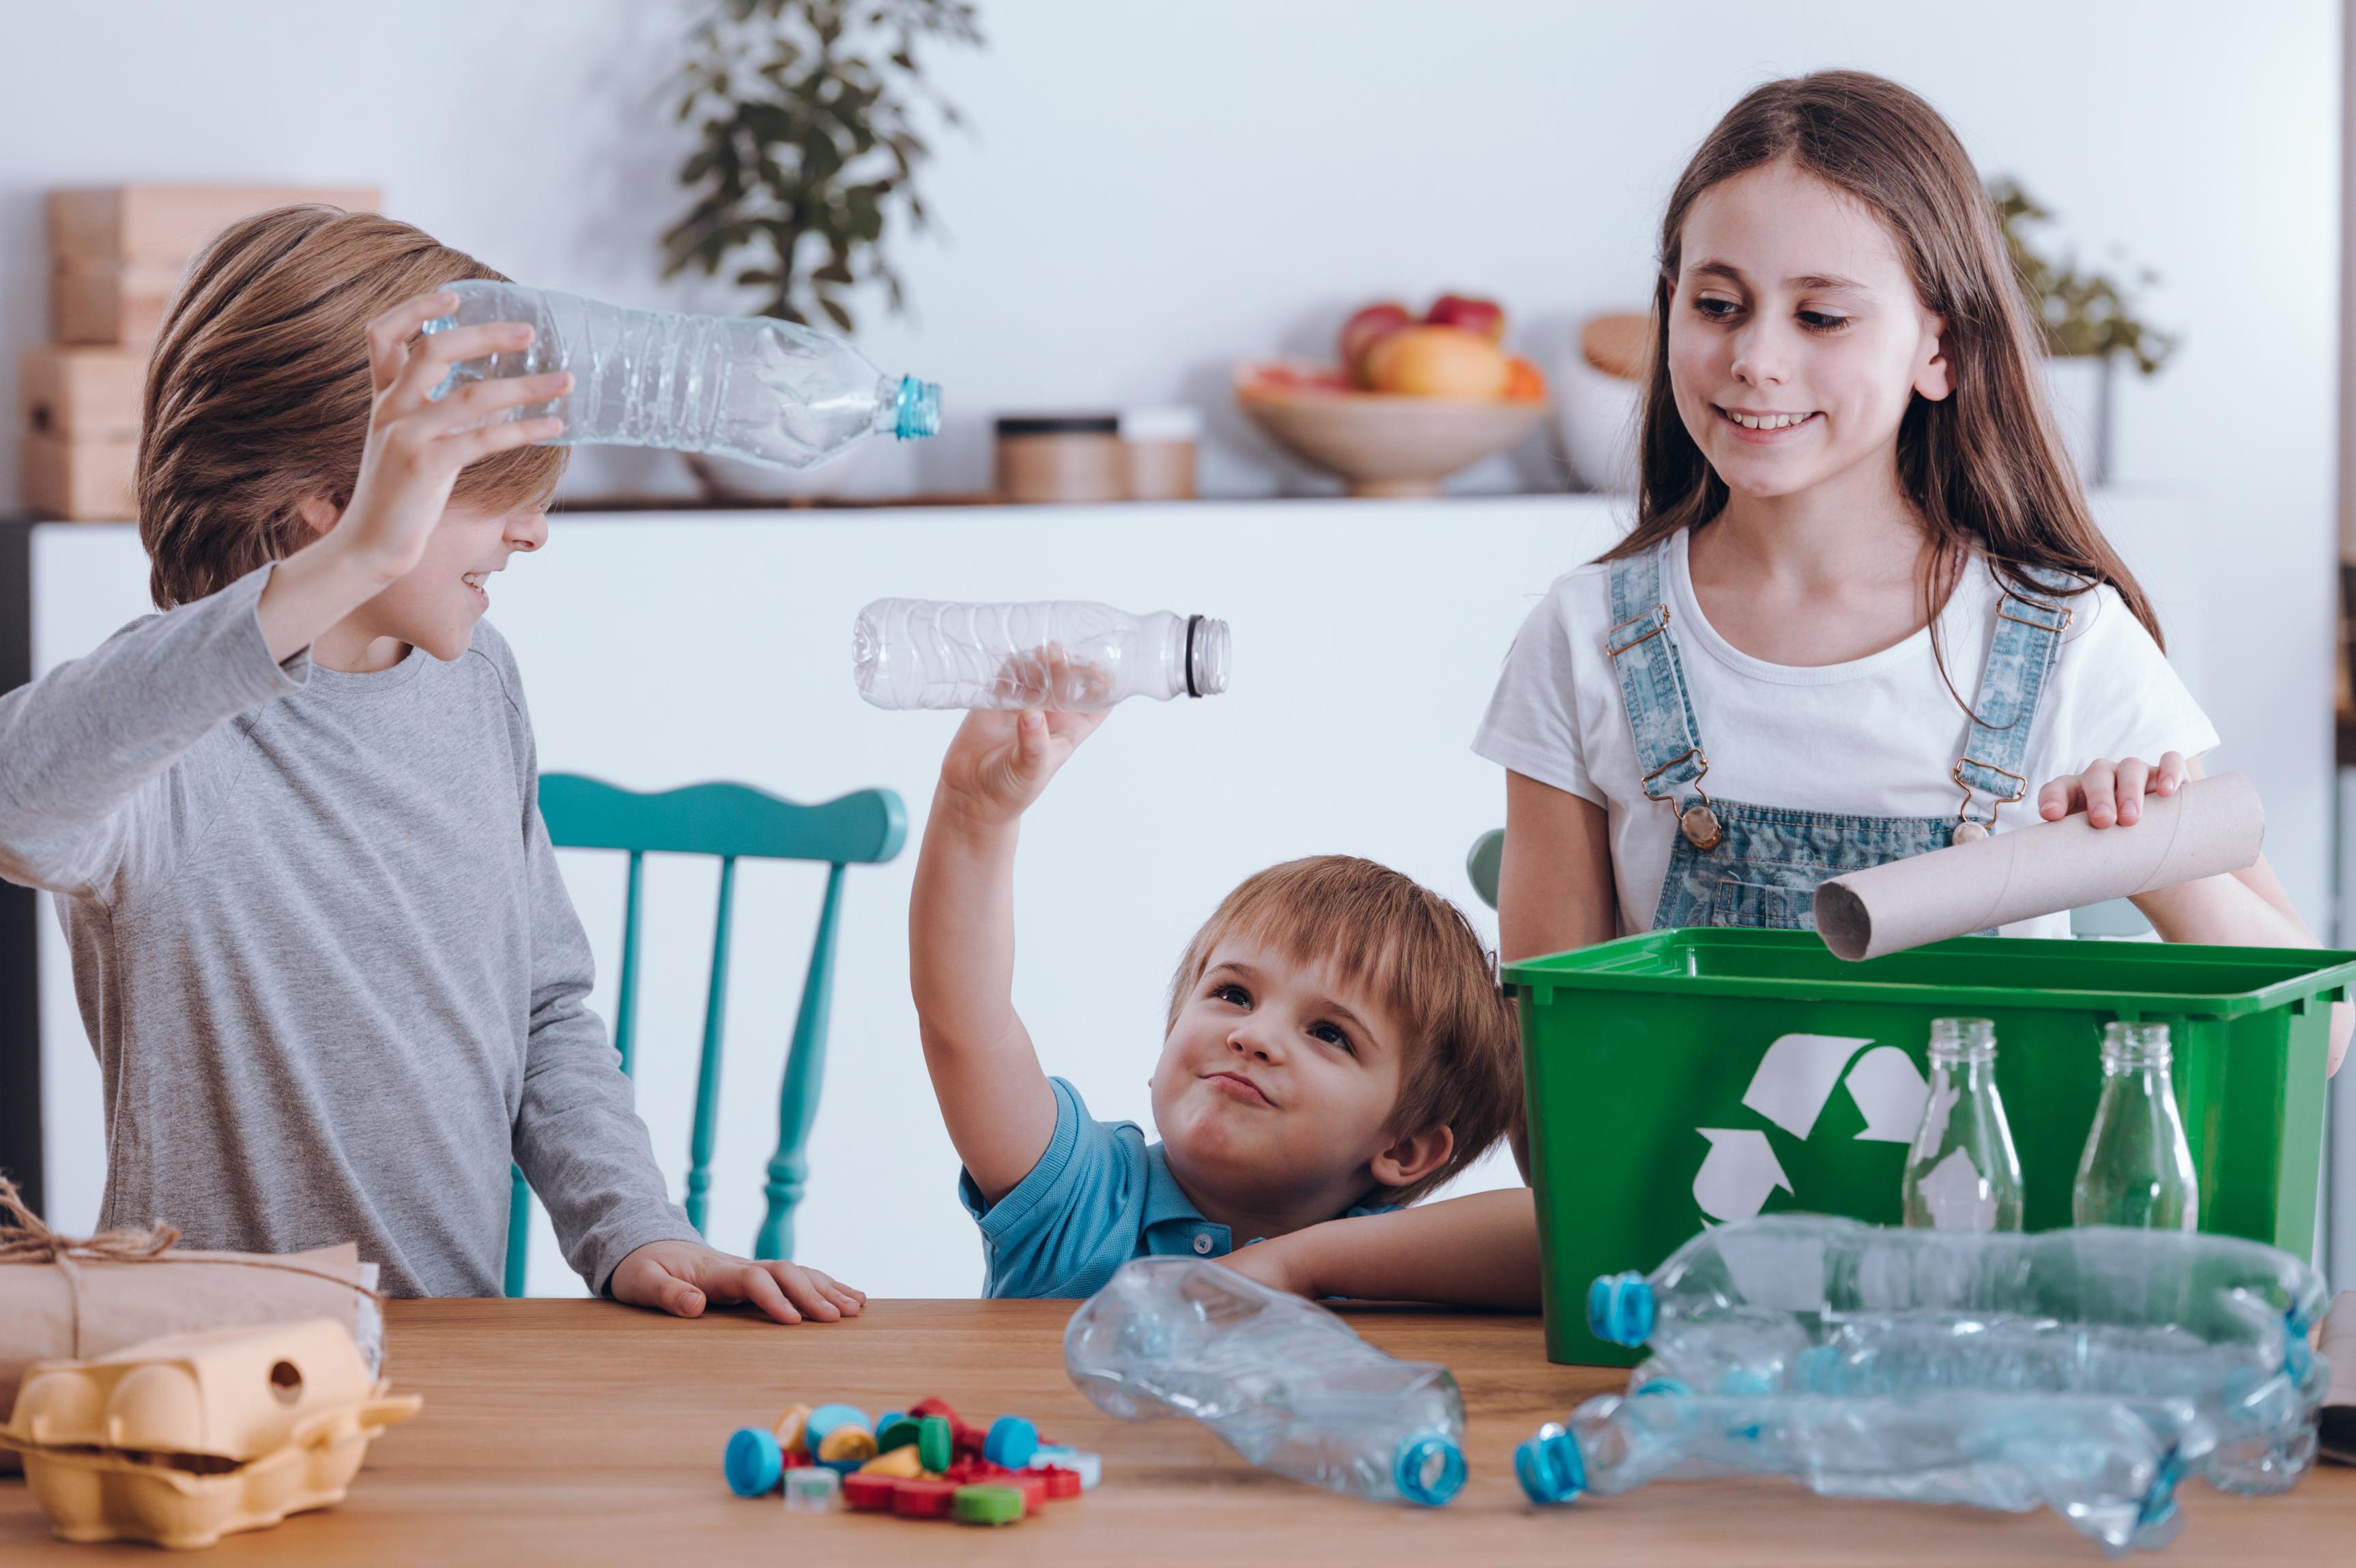 3 iš 4 atliekas rūšiuojančių Lietuvos gyventojų tai daro dėl aplinkos tausojimo